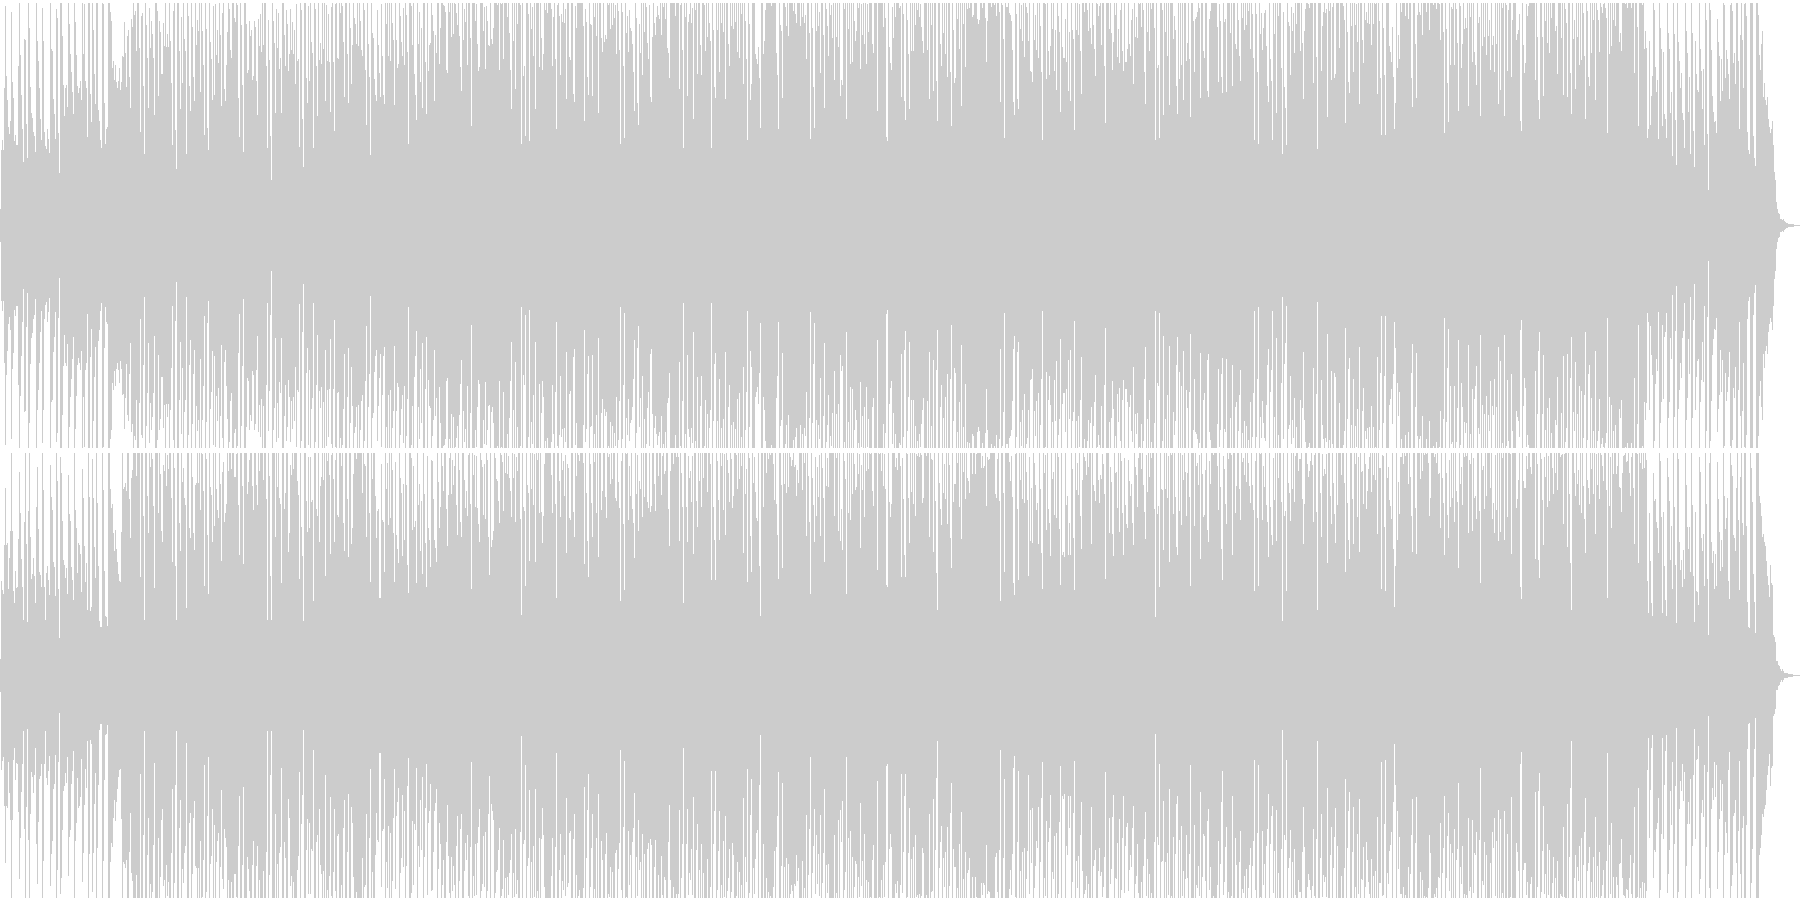 ほのぼのとした日常 軽快 お洒落なピアノの未再生の波形